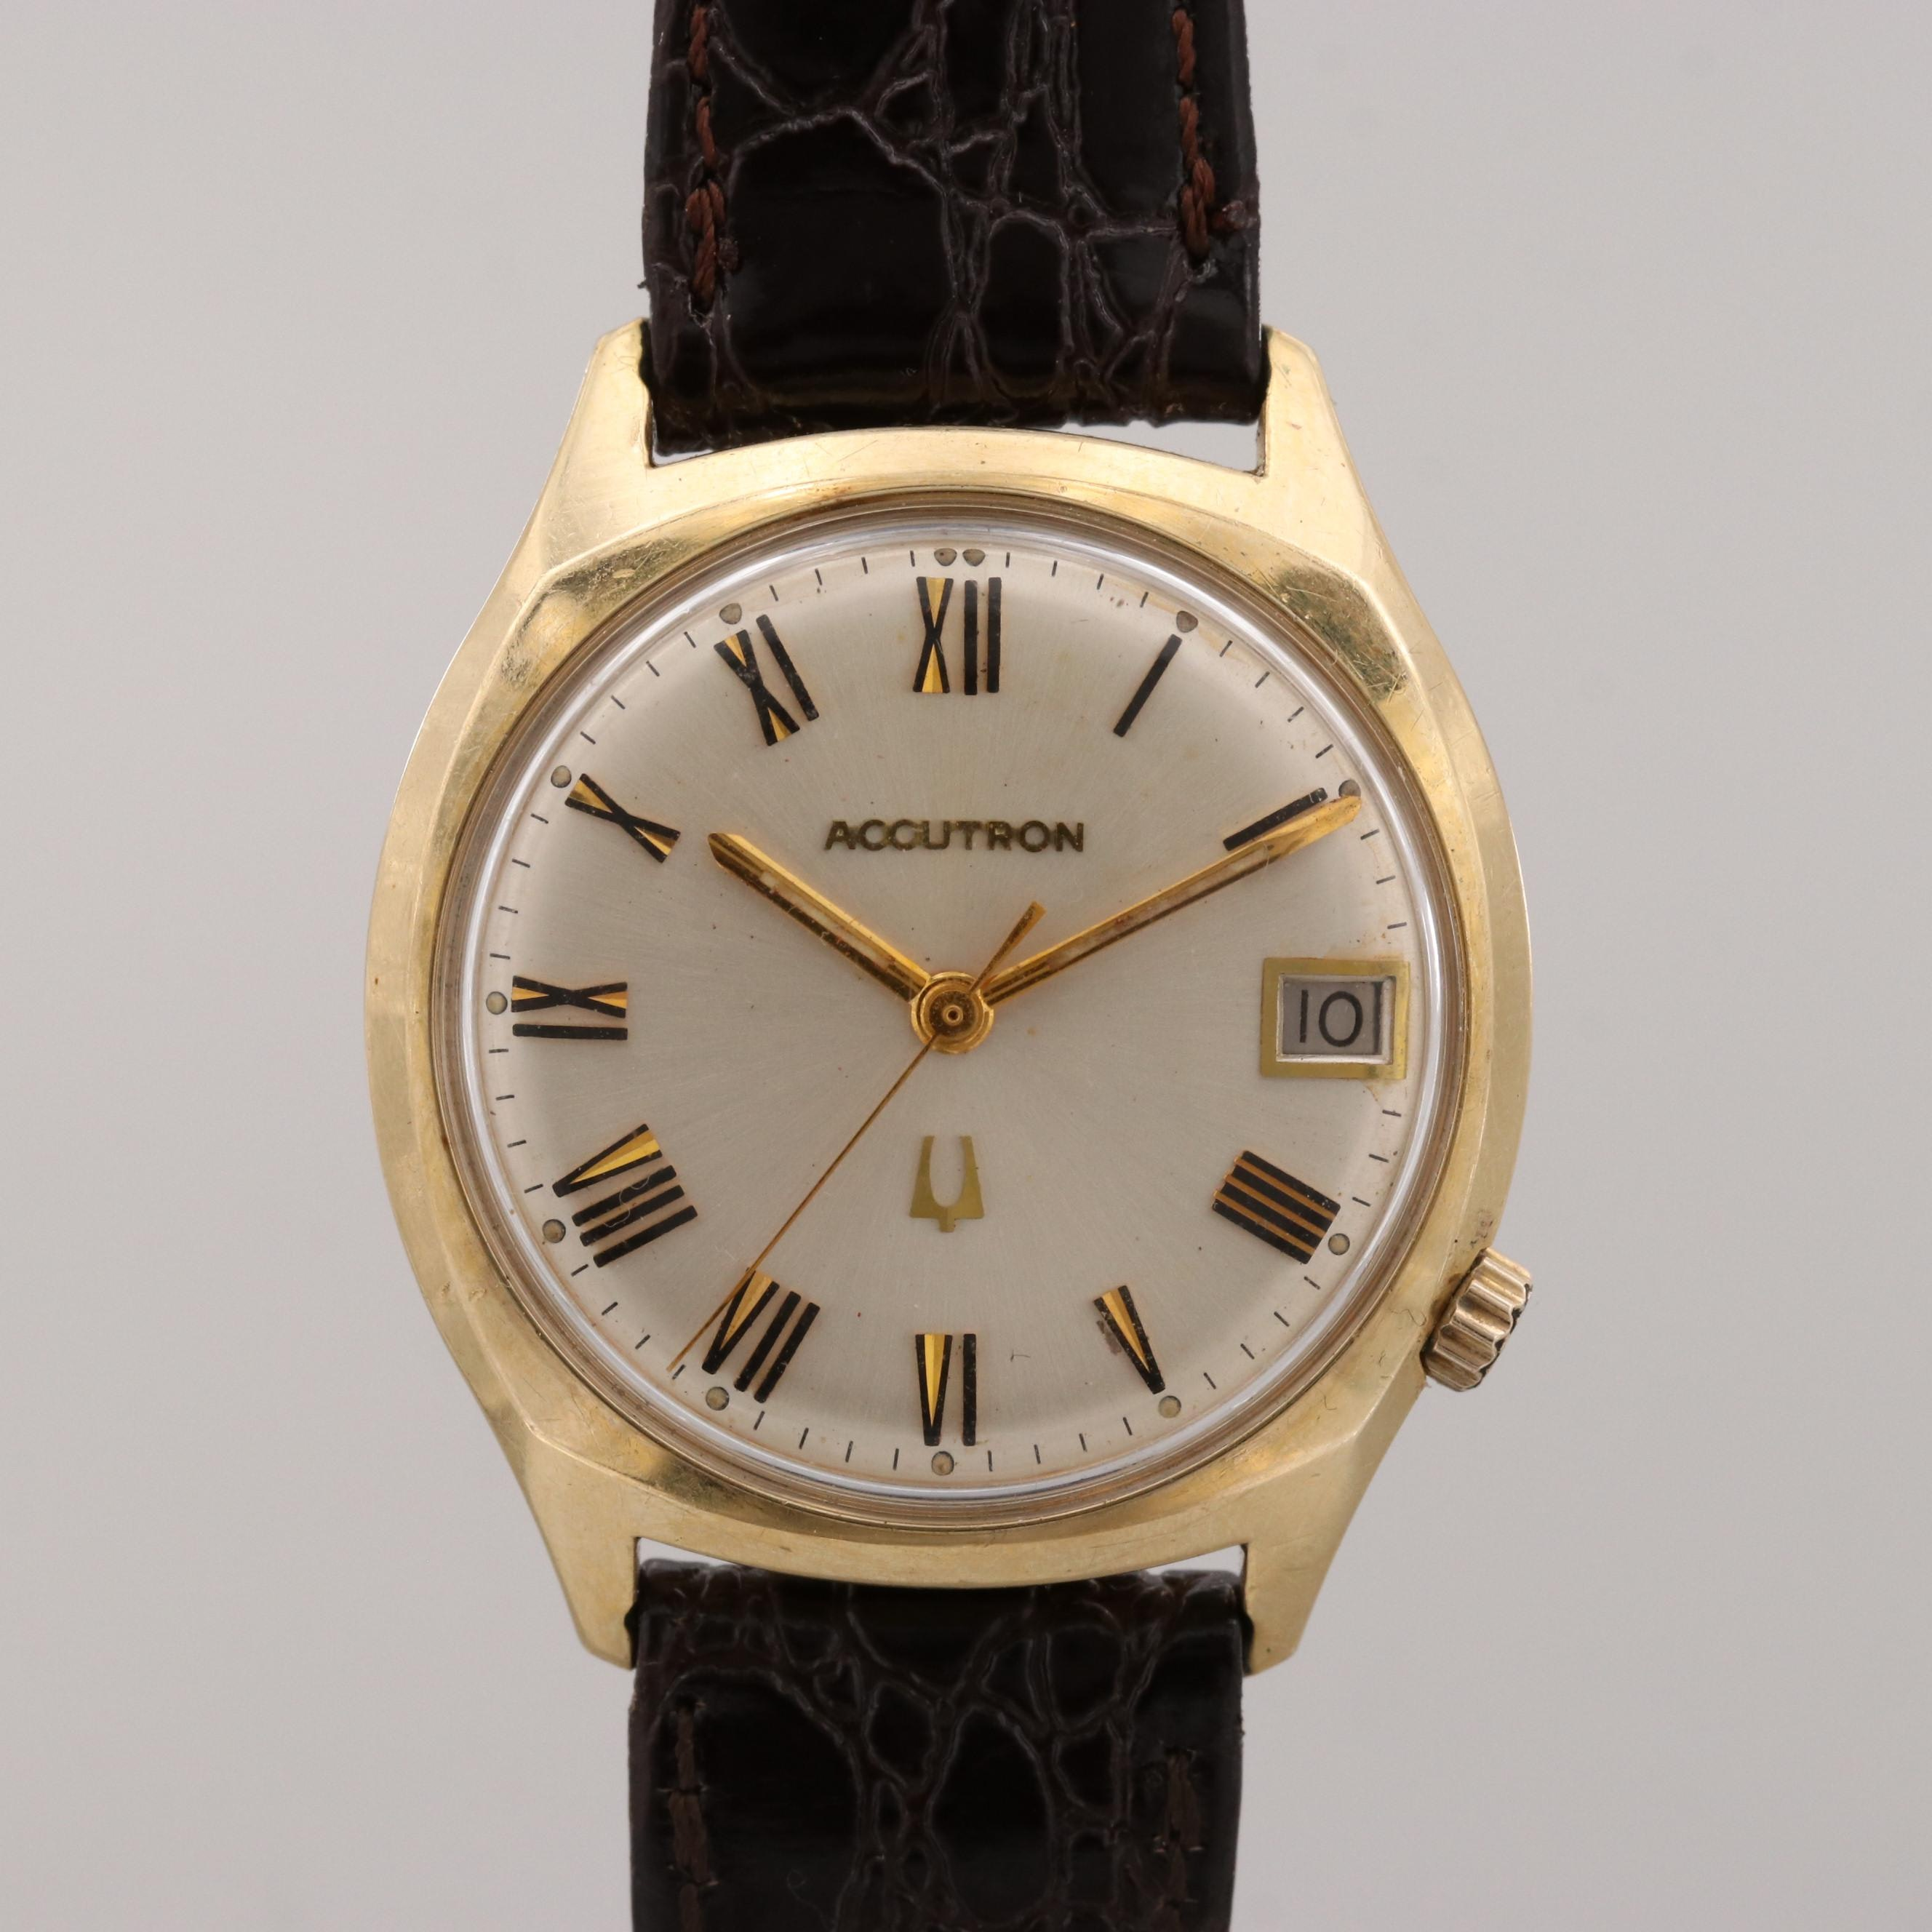 Vintage Bulova Accutron Wristwatch With Date Window